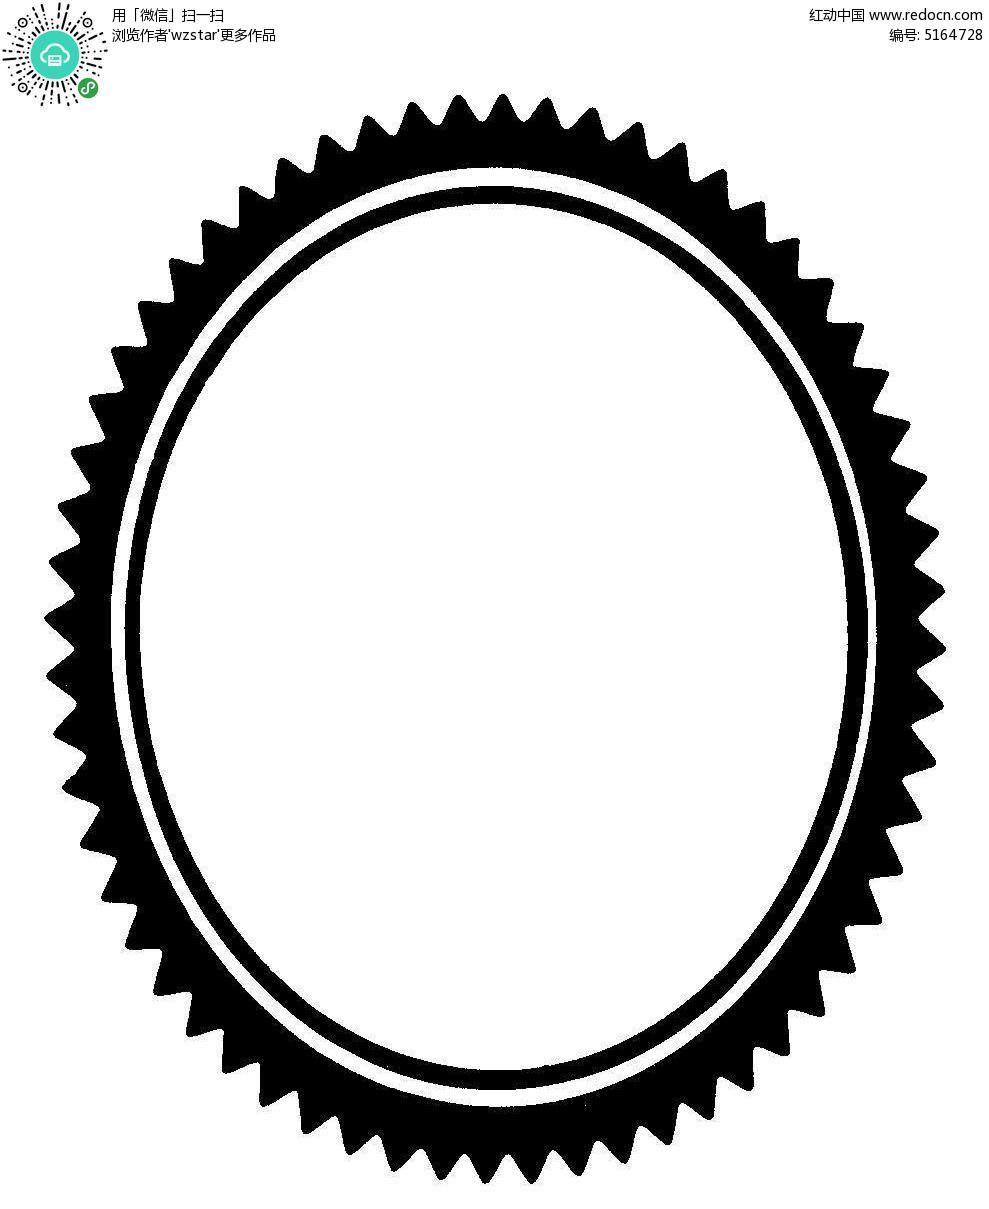 免费素材 矢量素材 花纹边框 花纹花边 齿轮椭圆形边框  请您分享: 红